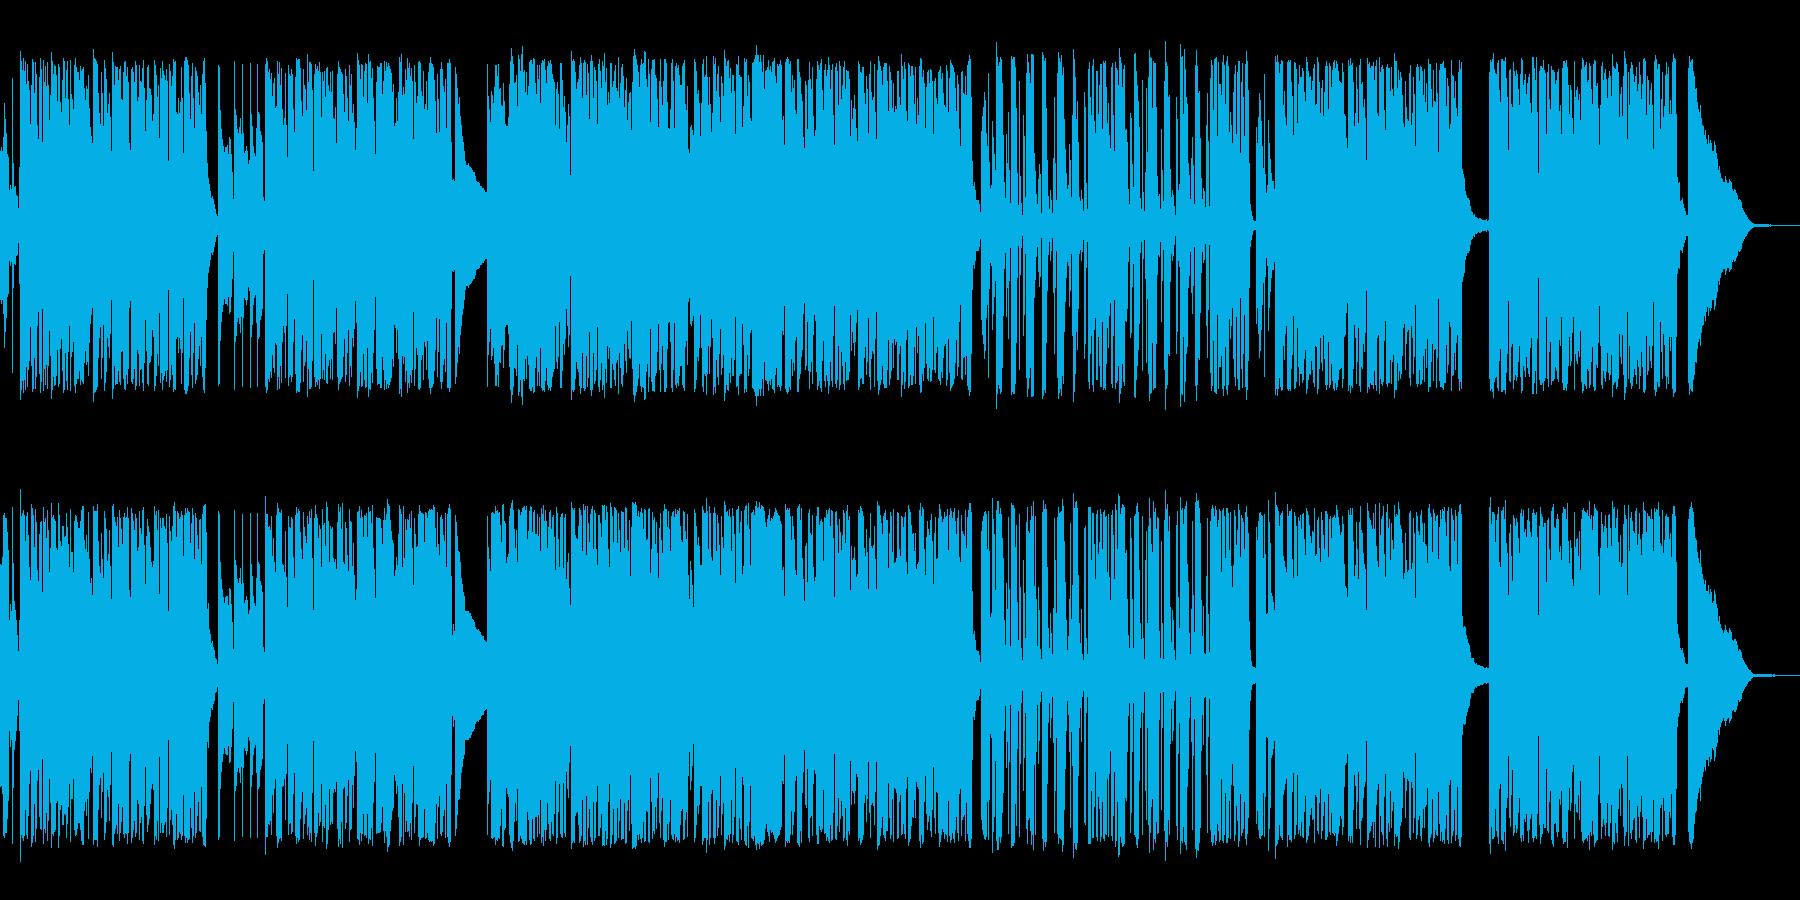 ヘヴィロック サスペンス 楽しげ ...の再生済みの波形